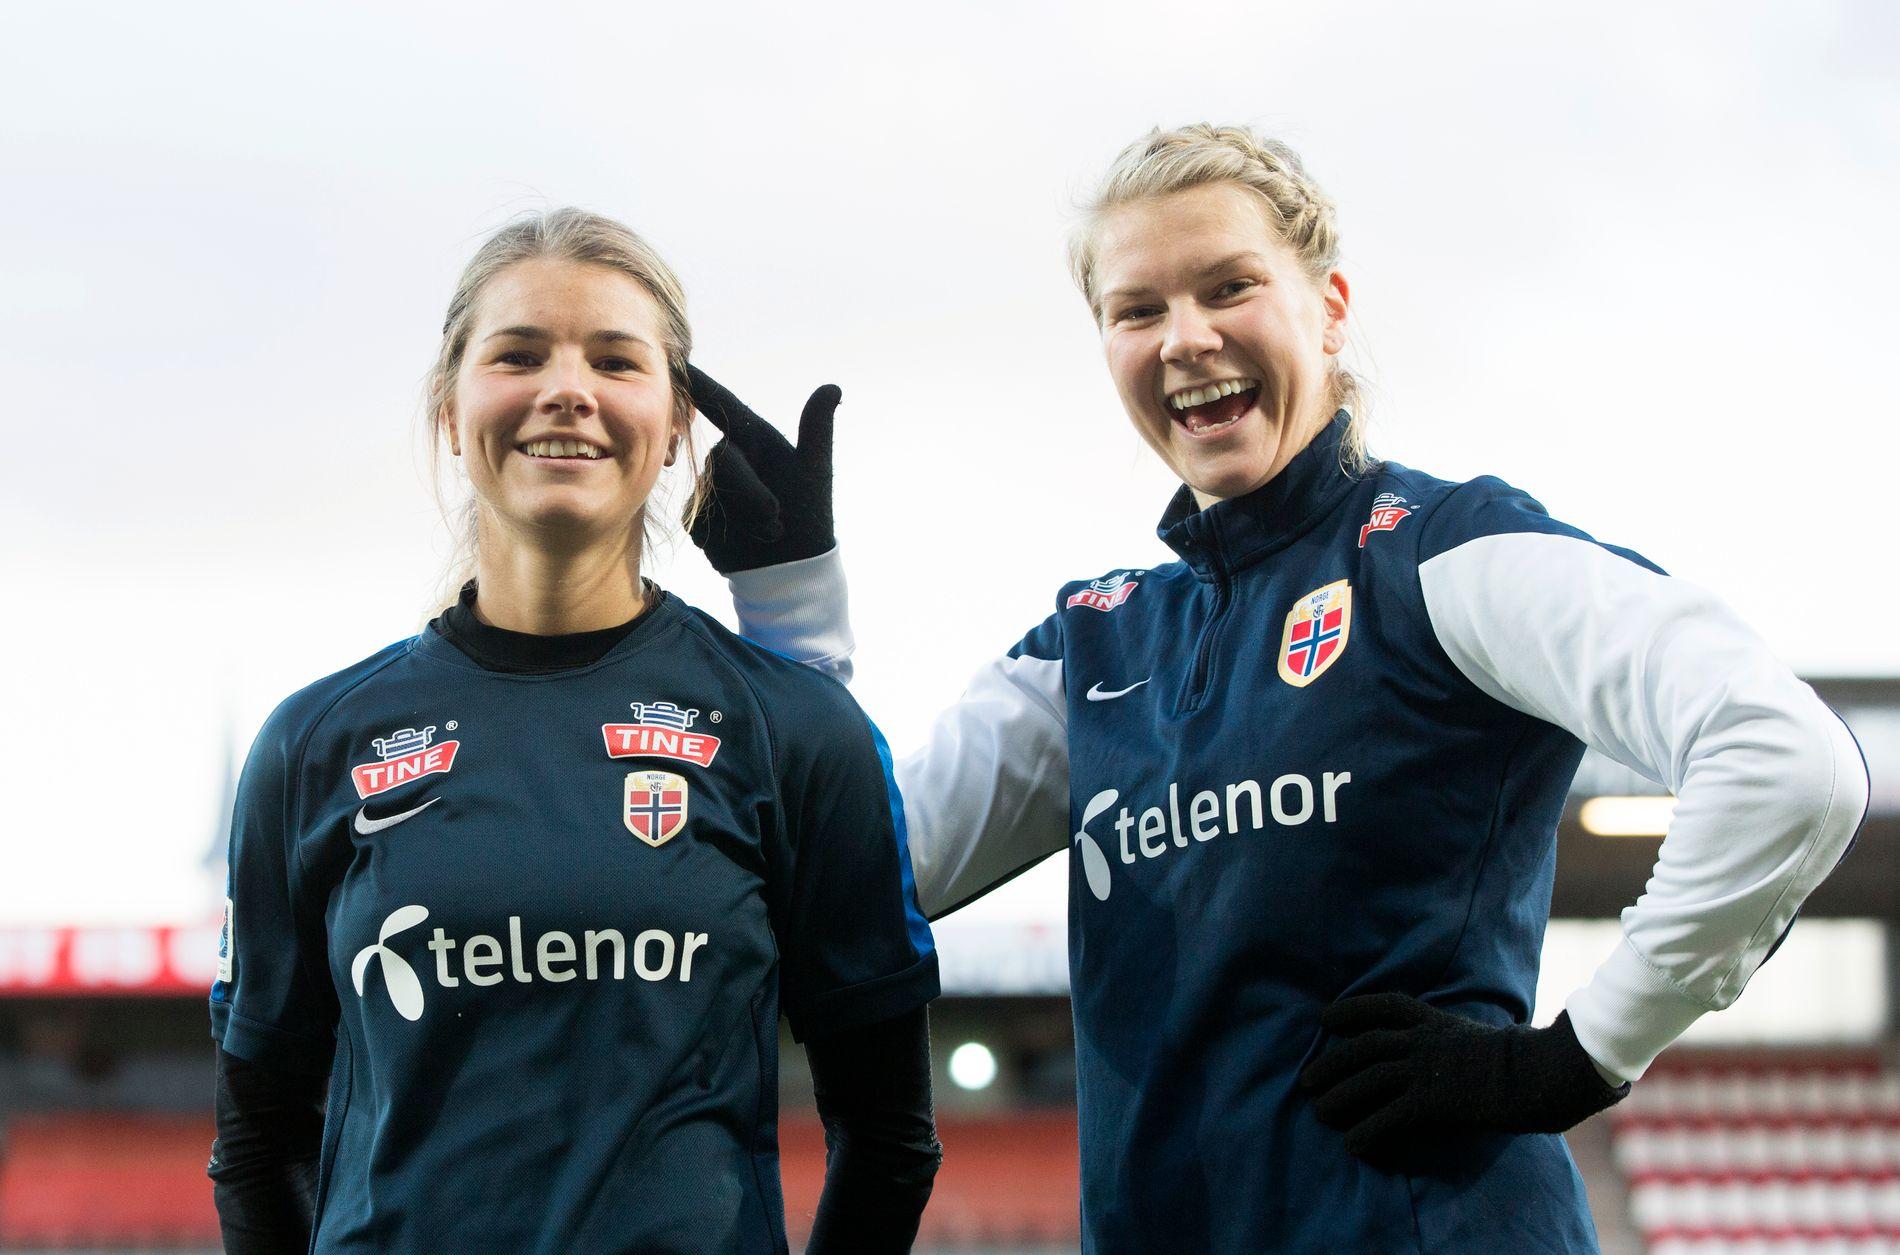 MØTES: Andrine Hegerberg (t.v.) og Ada Hegerberg møtes til en norsk duell i Frankrike.